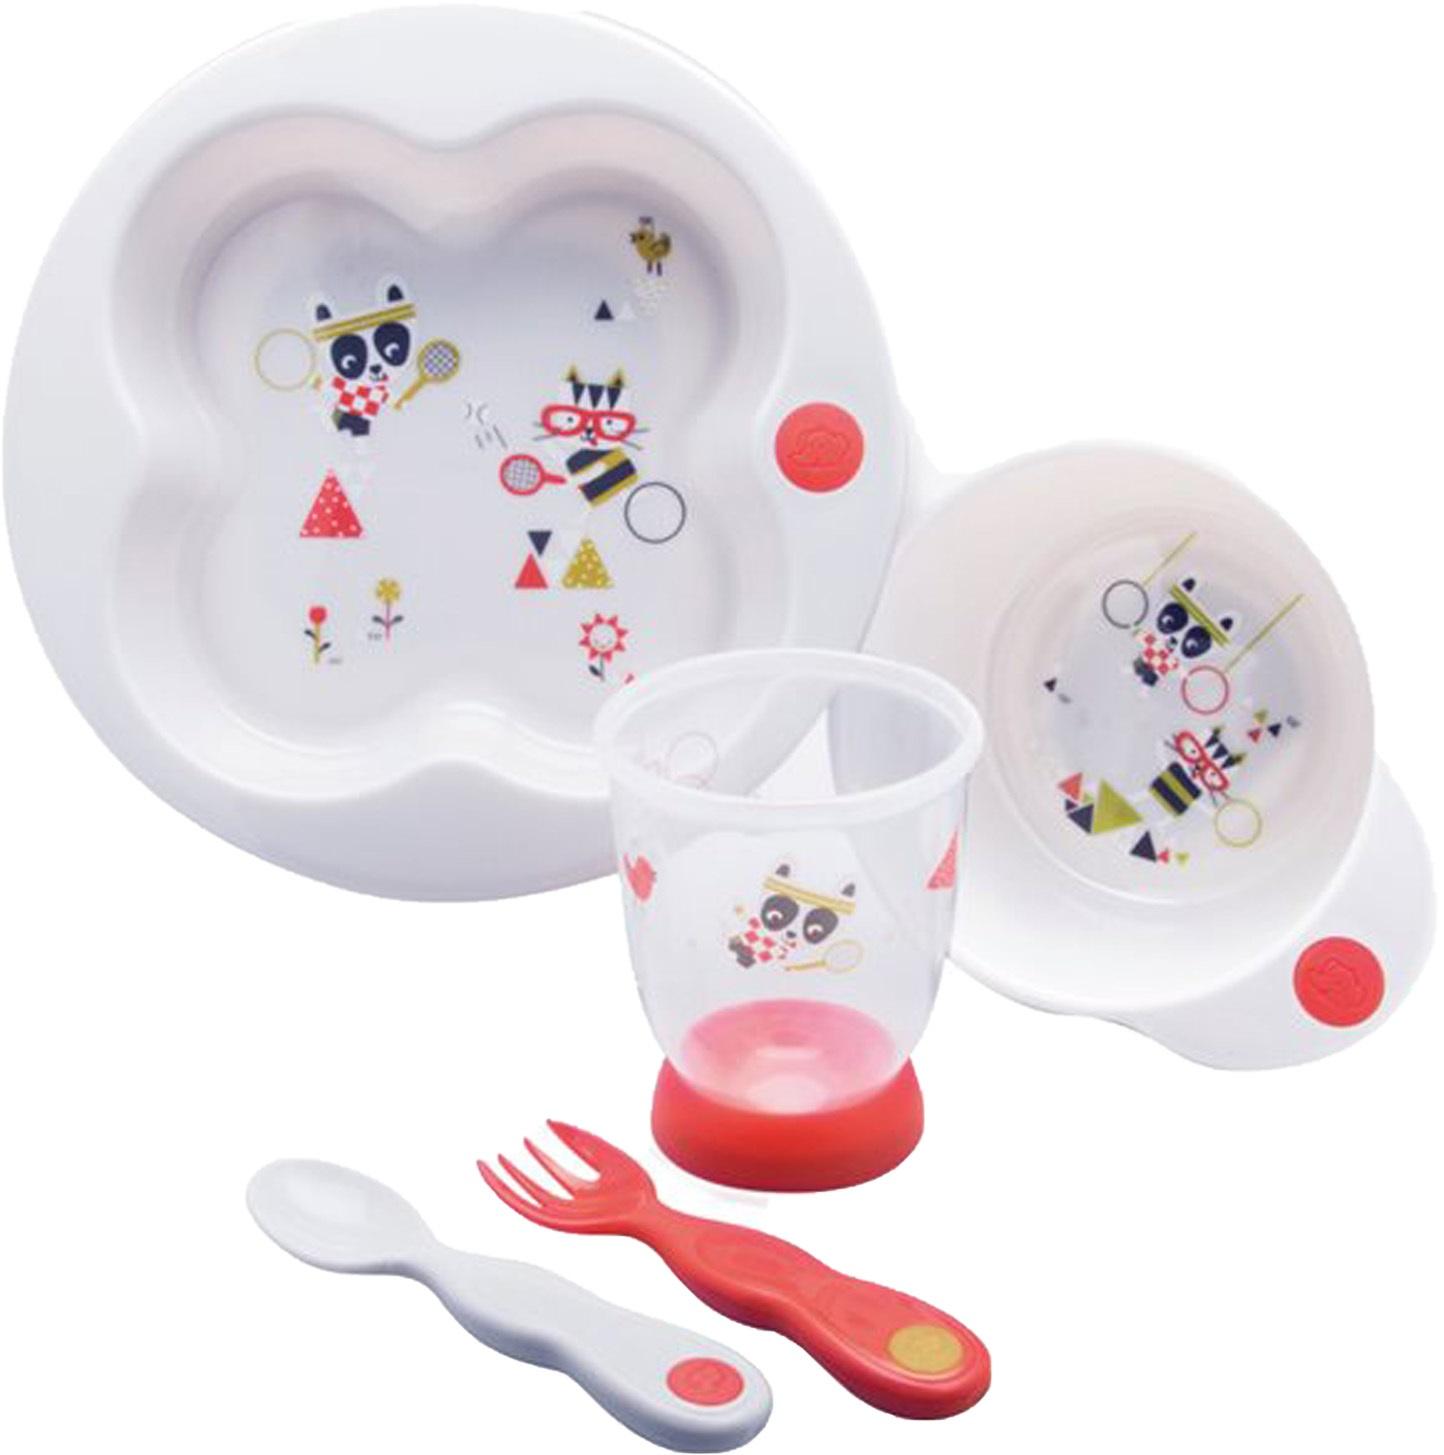 Набор для введения прикорма Bebe Confort Sport, красный набор из трех зубных щеток bebe confort 0 36 месяцев